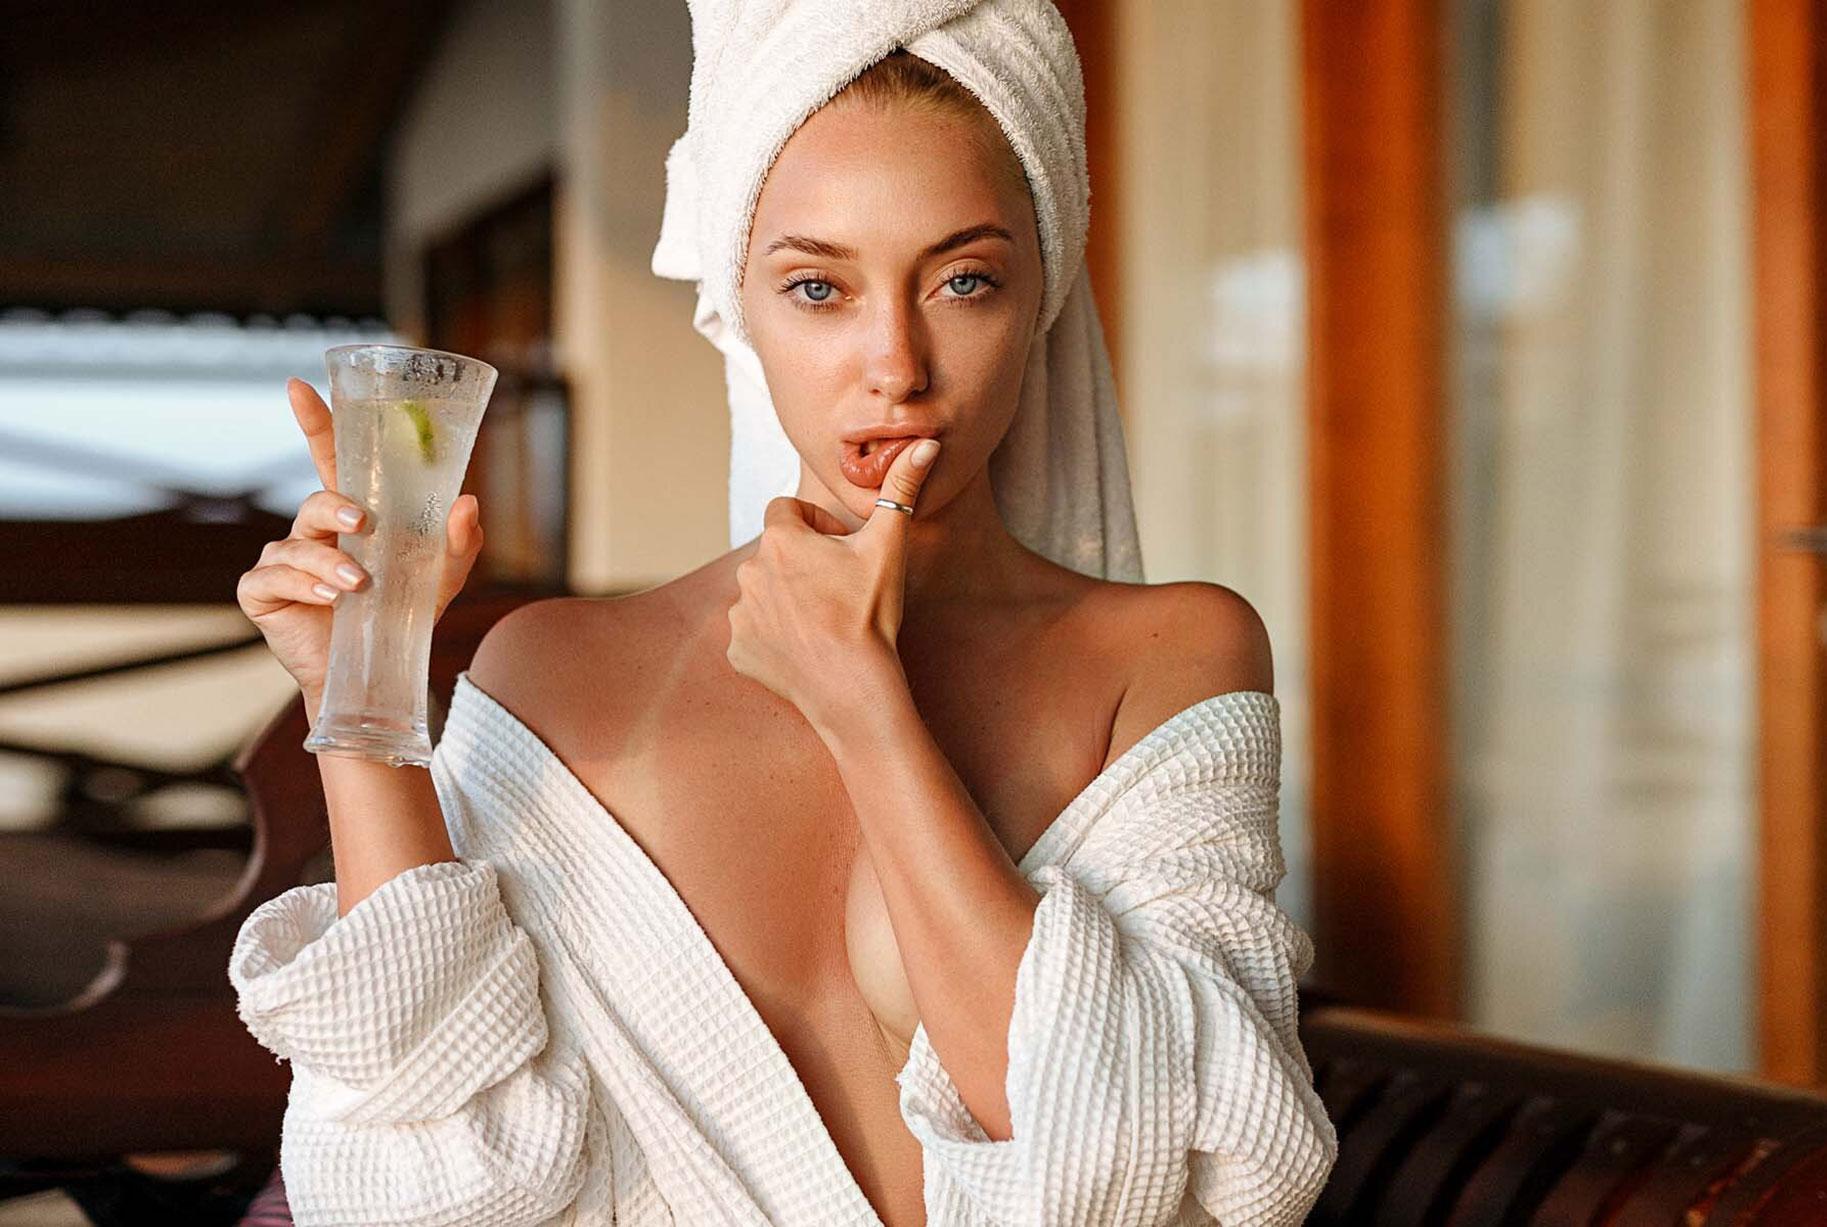 вечерний коктейль на курорте с Анной Иоанновой / фото 01